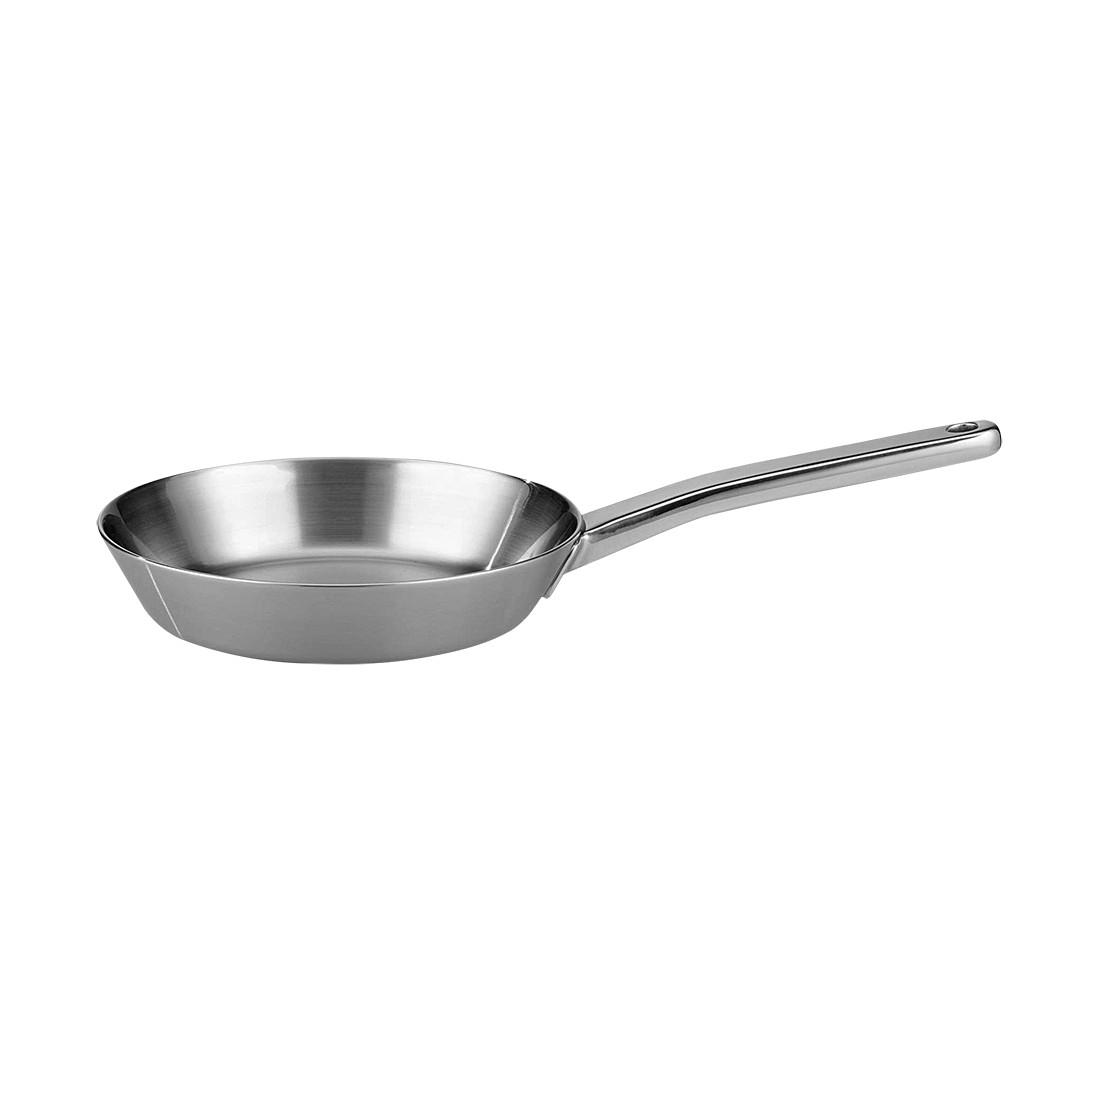 Edelstahlpfanne Multilayer – Edelstahl Silber – 28 cm, ELO jetzt kaufen